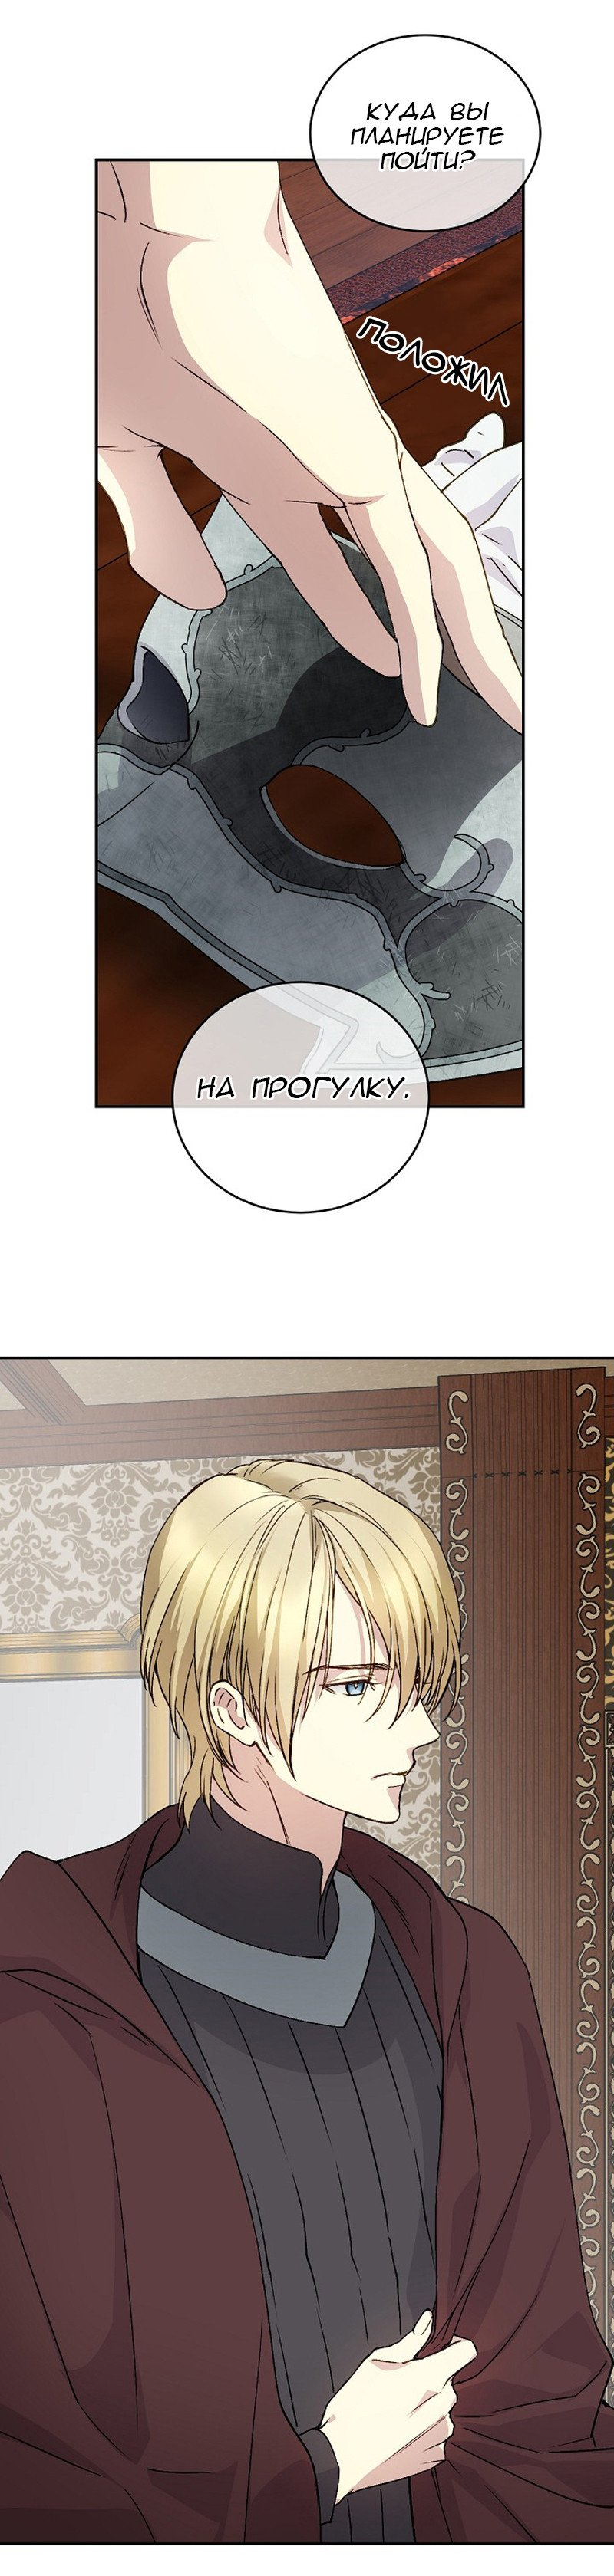 Манга Способная горничная / Capable maid  - Том 1 Глава 4 Страница 13